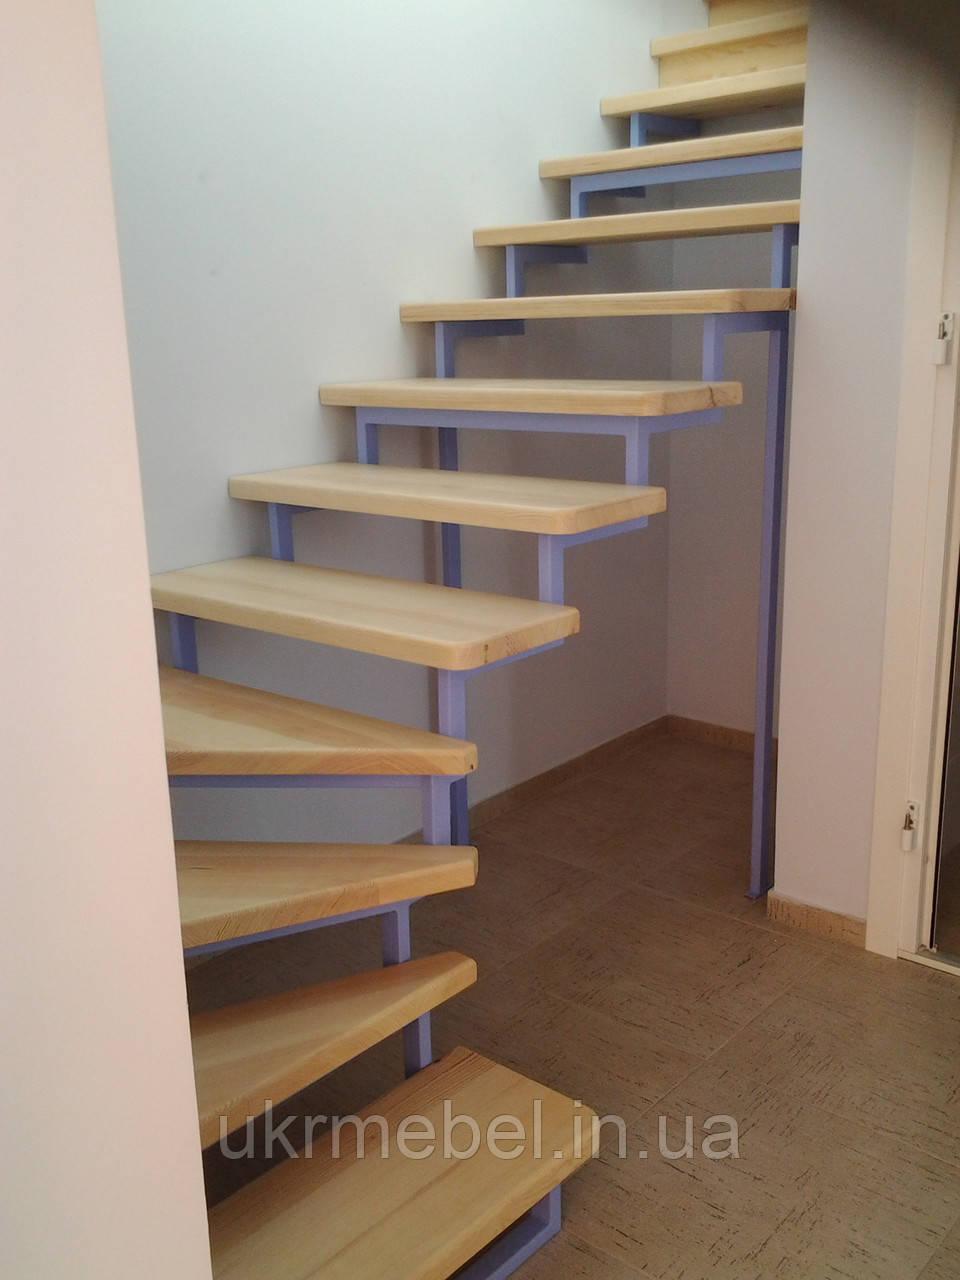 Лестница с ясеня. Деревянные лестницы из ясеня